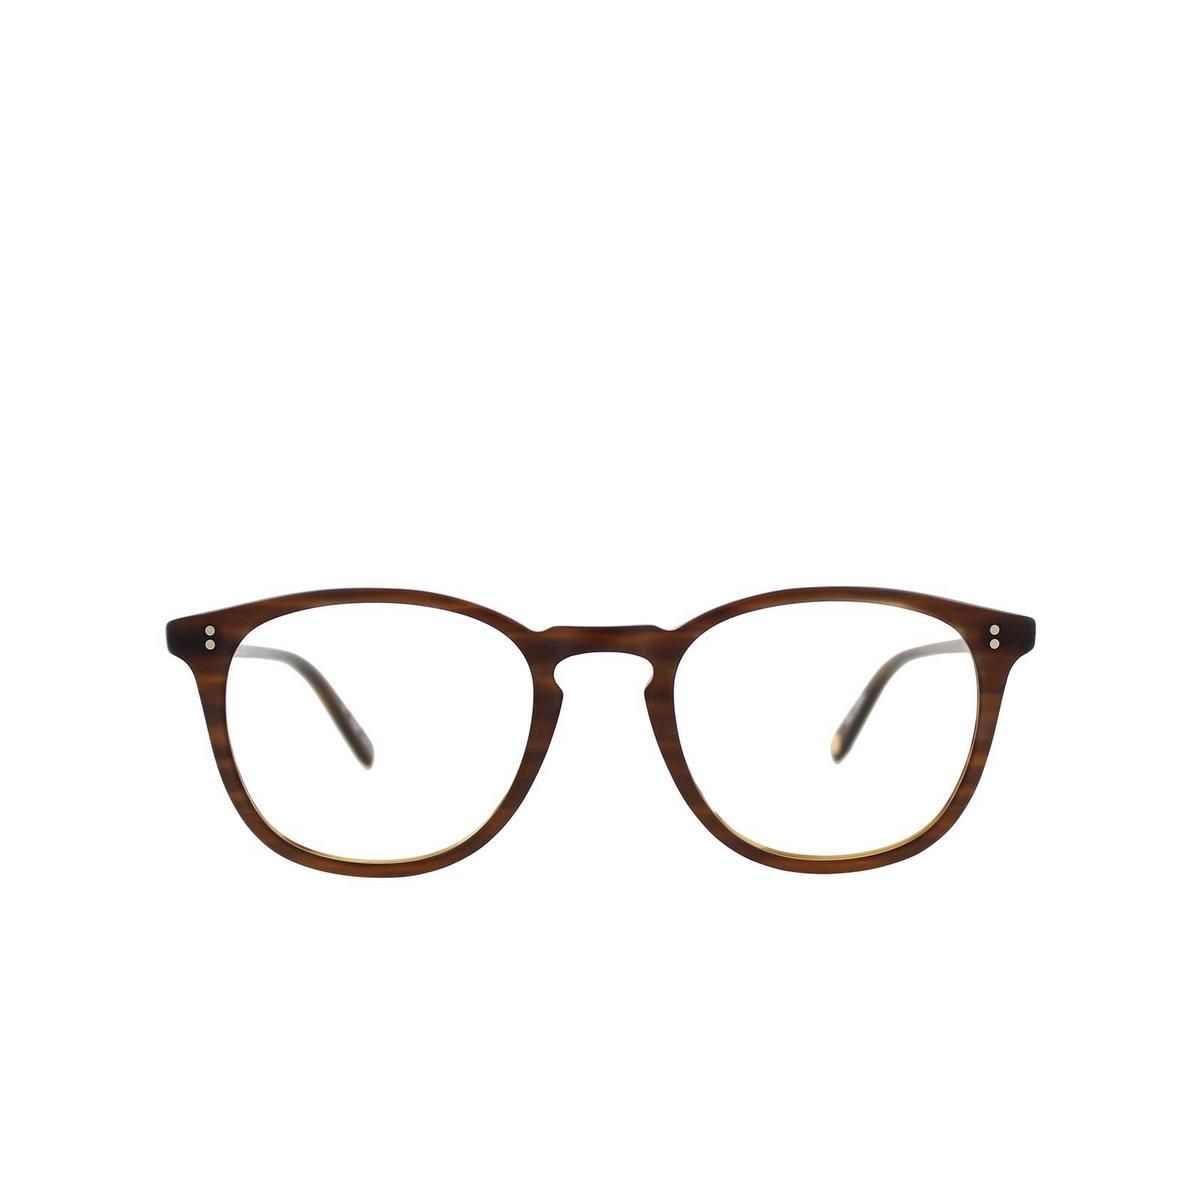 Garrett Leight® Square Eyeglasses: Kinney color Matte Brandy Tort Mbt - front view.